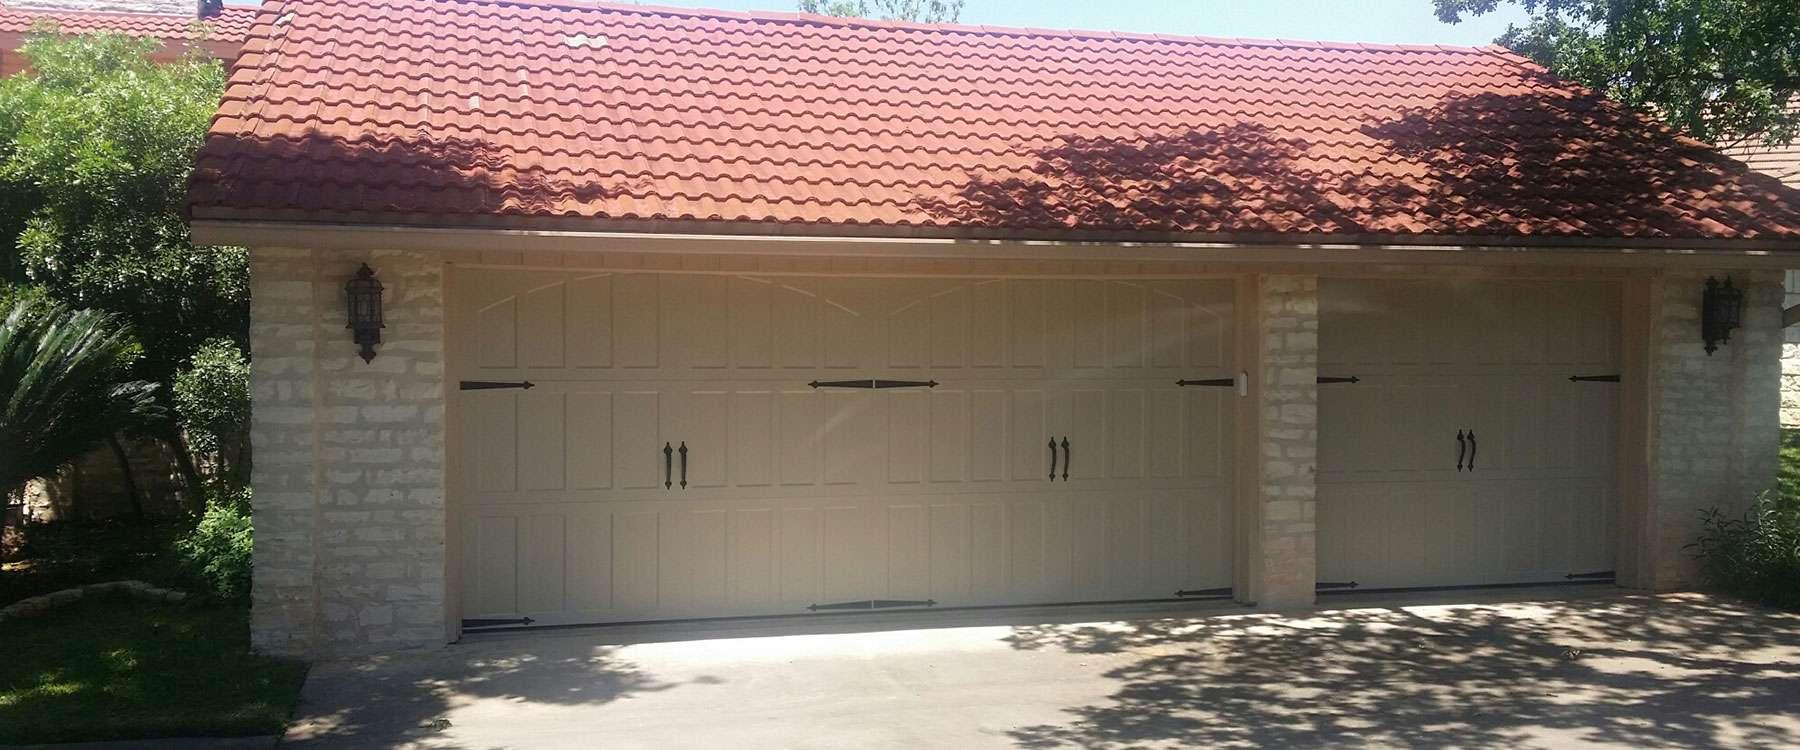 Thrifty Garage Door Repair Toronto Different Type Of Garage Door